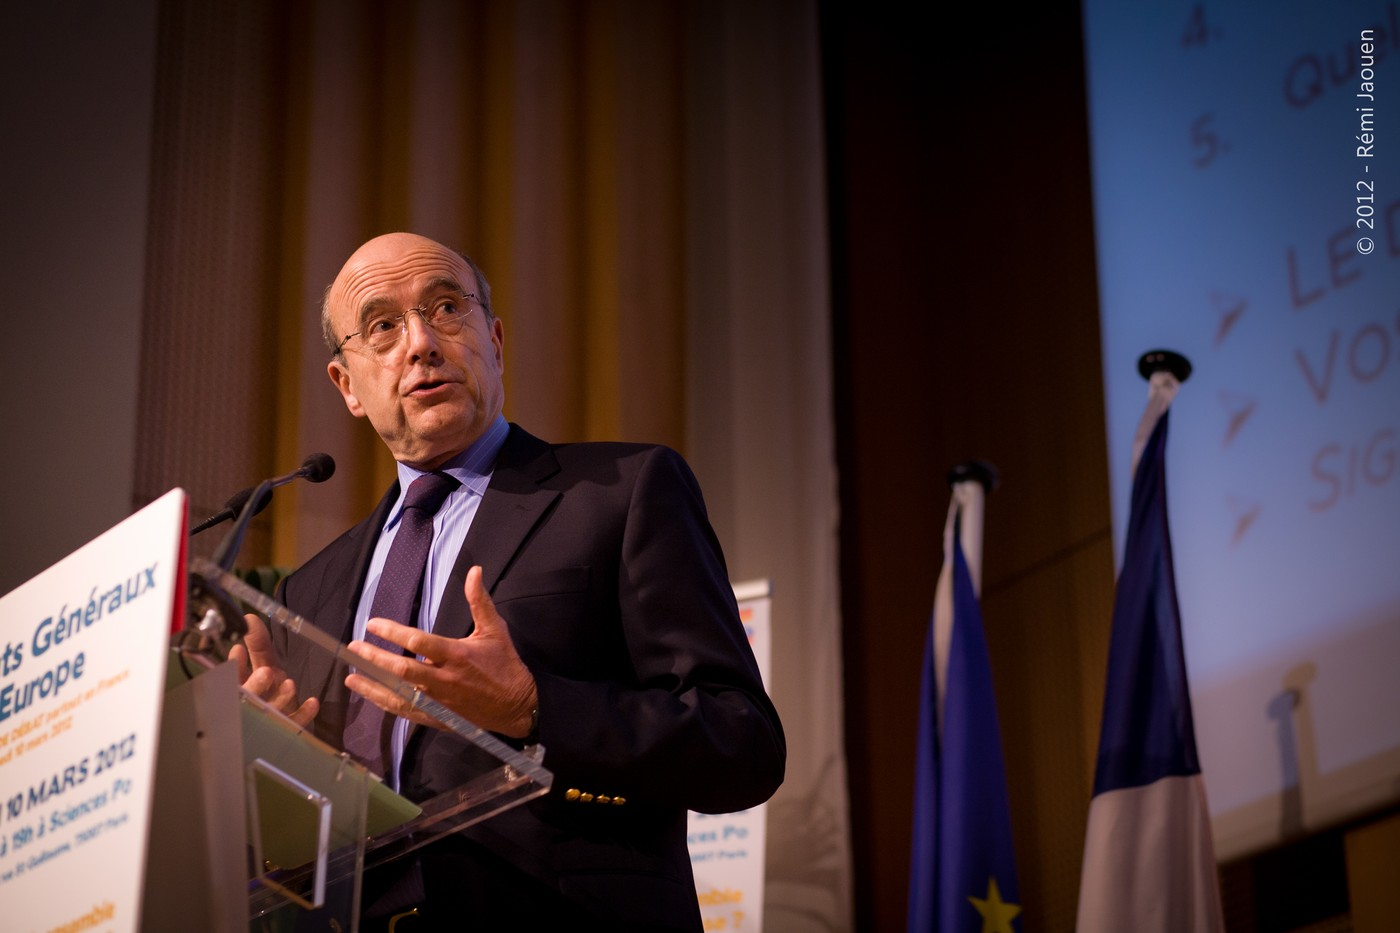 Reportage événementiel Paris politique